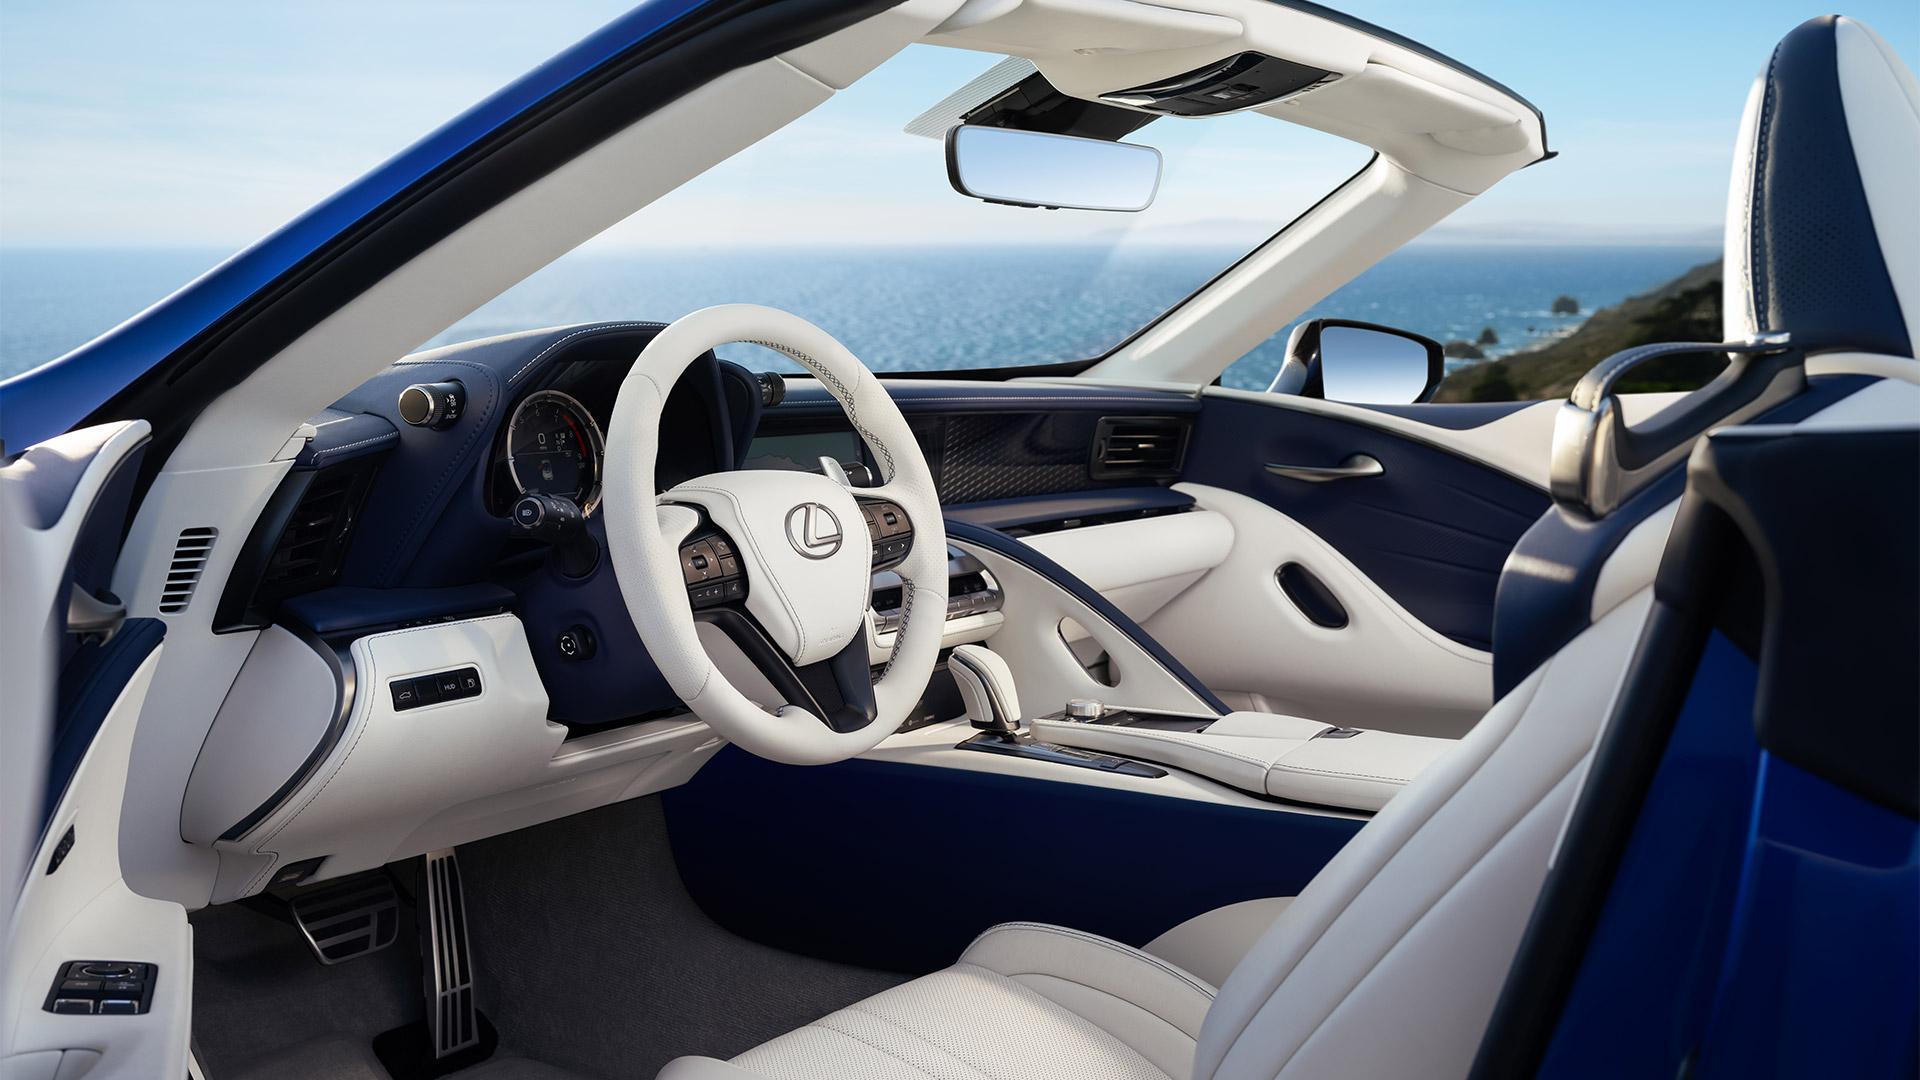 18 2019 027 nieuwe Lexus LC 500 Convertible 1920x1080 galerij